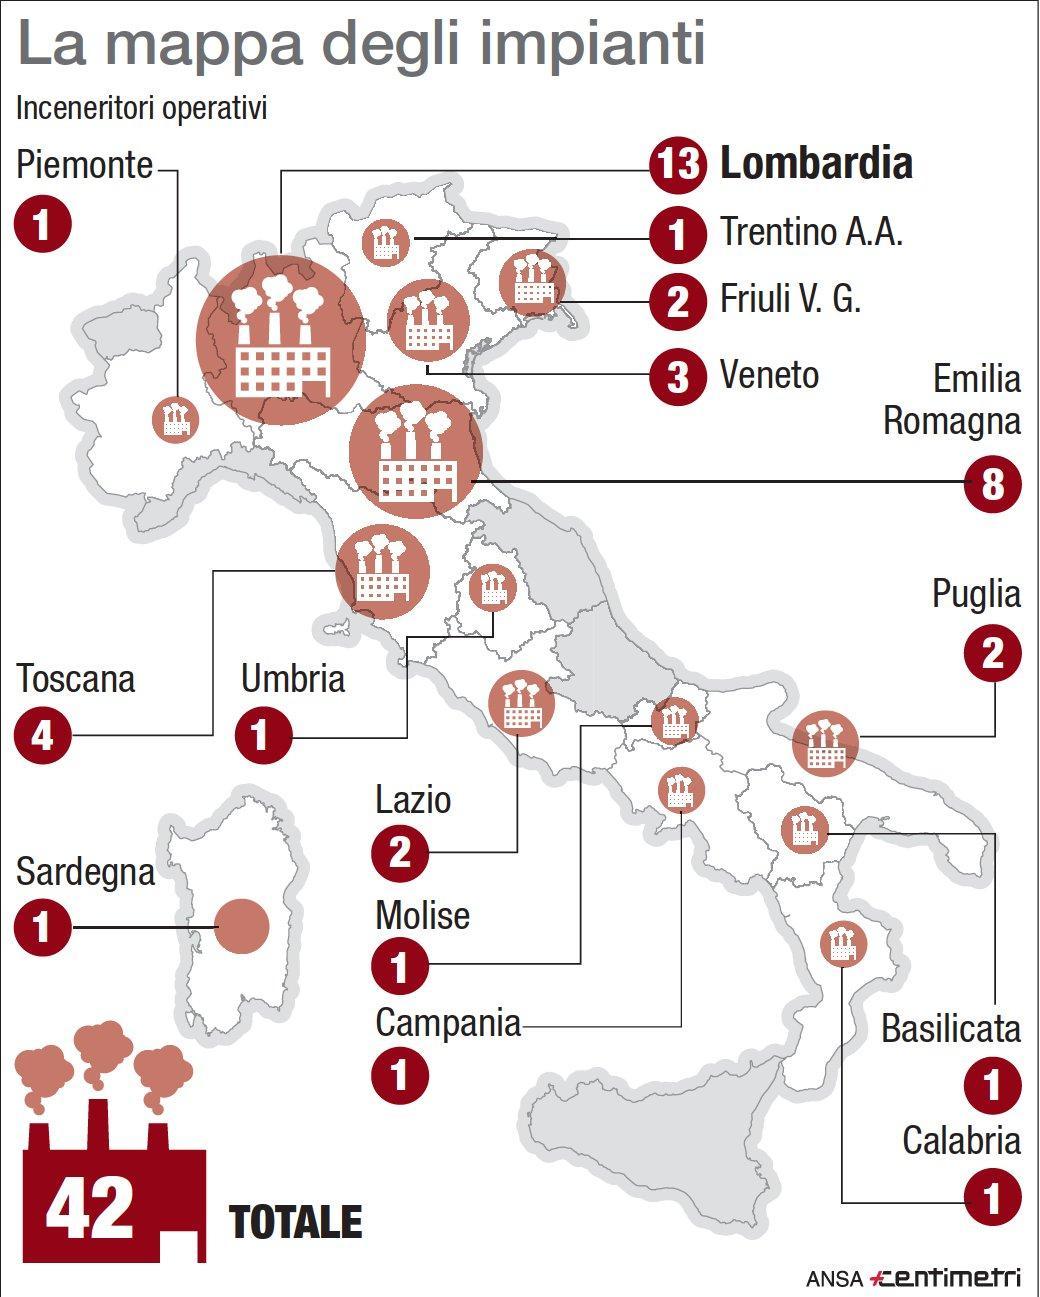 Inceneritori, la mappa degli impianti italiani